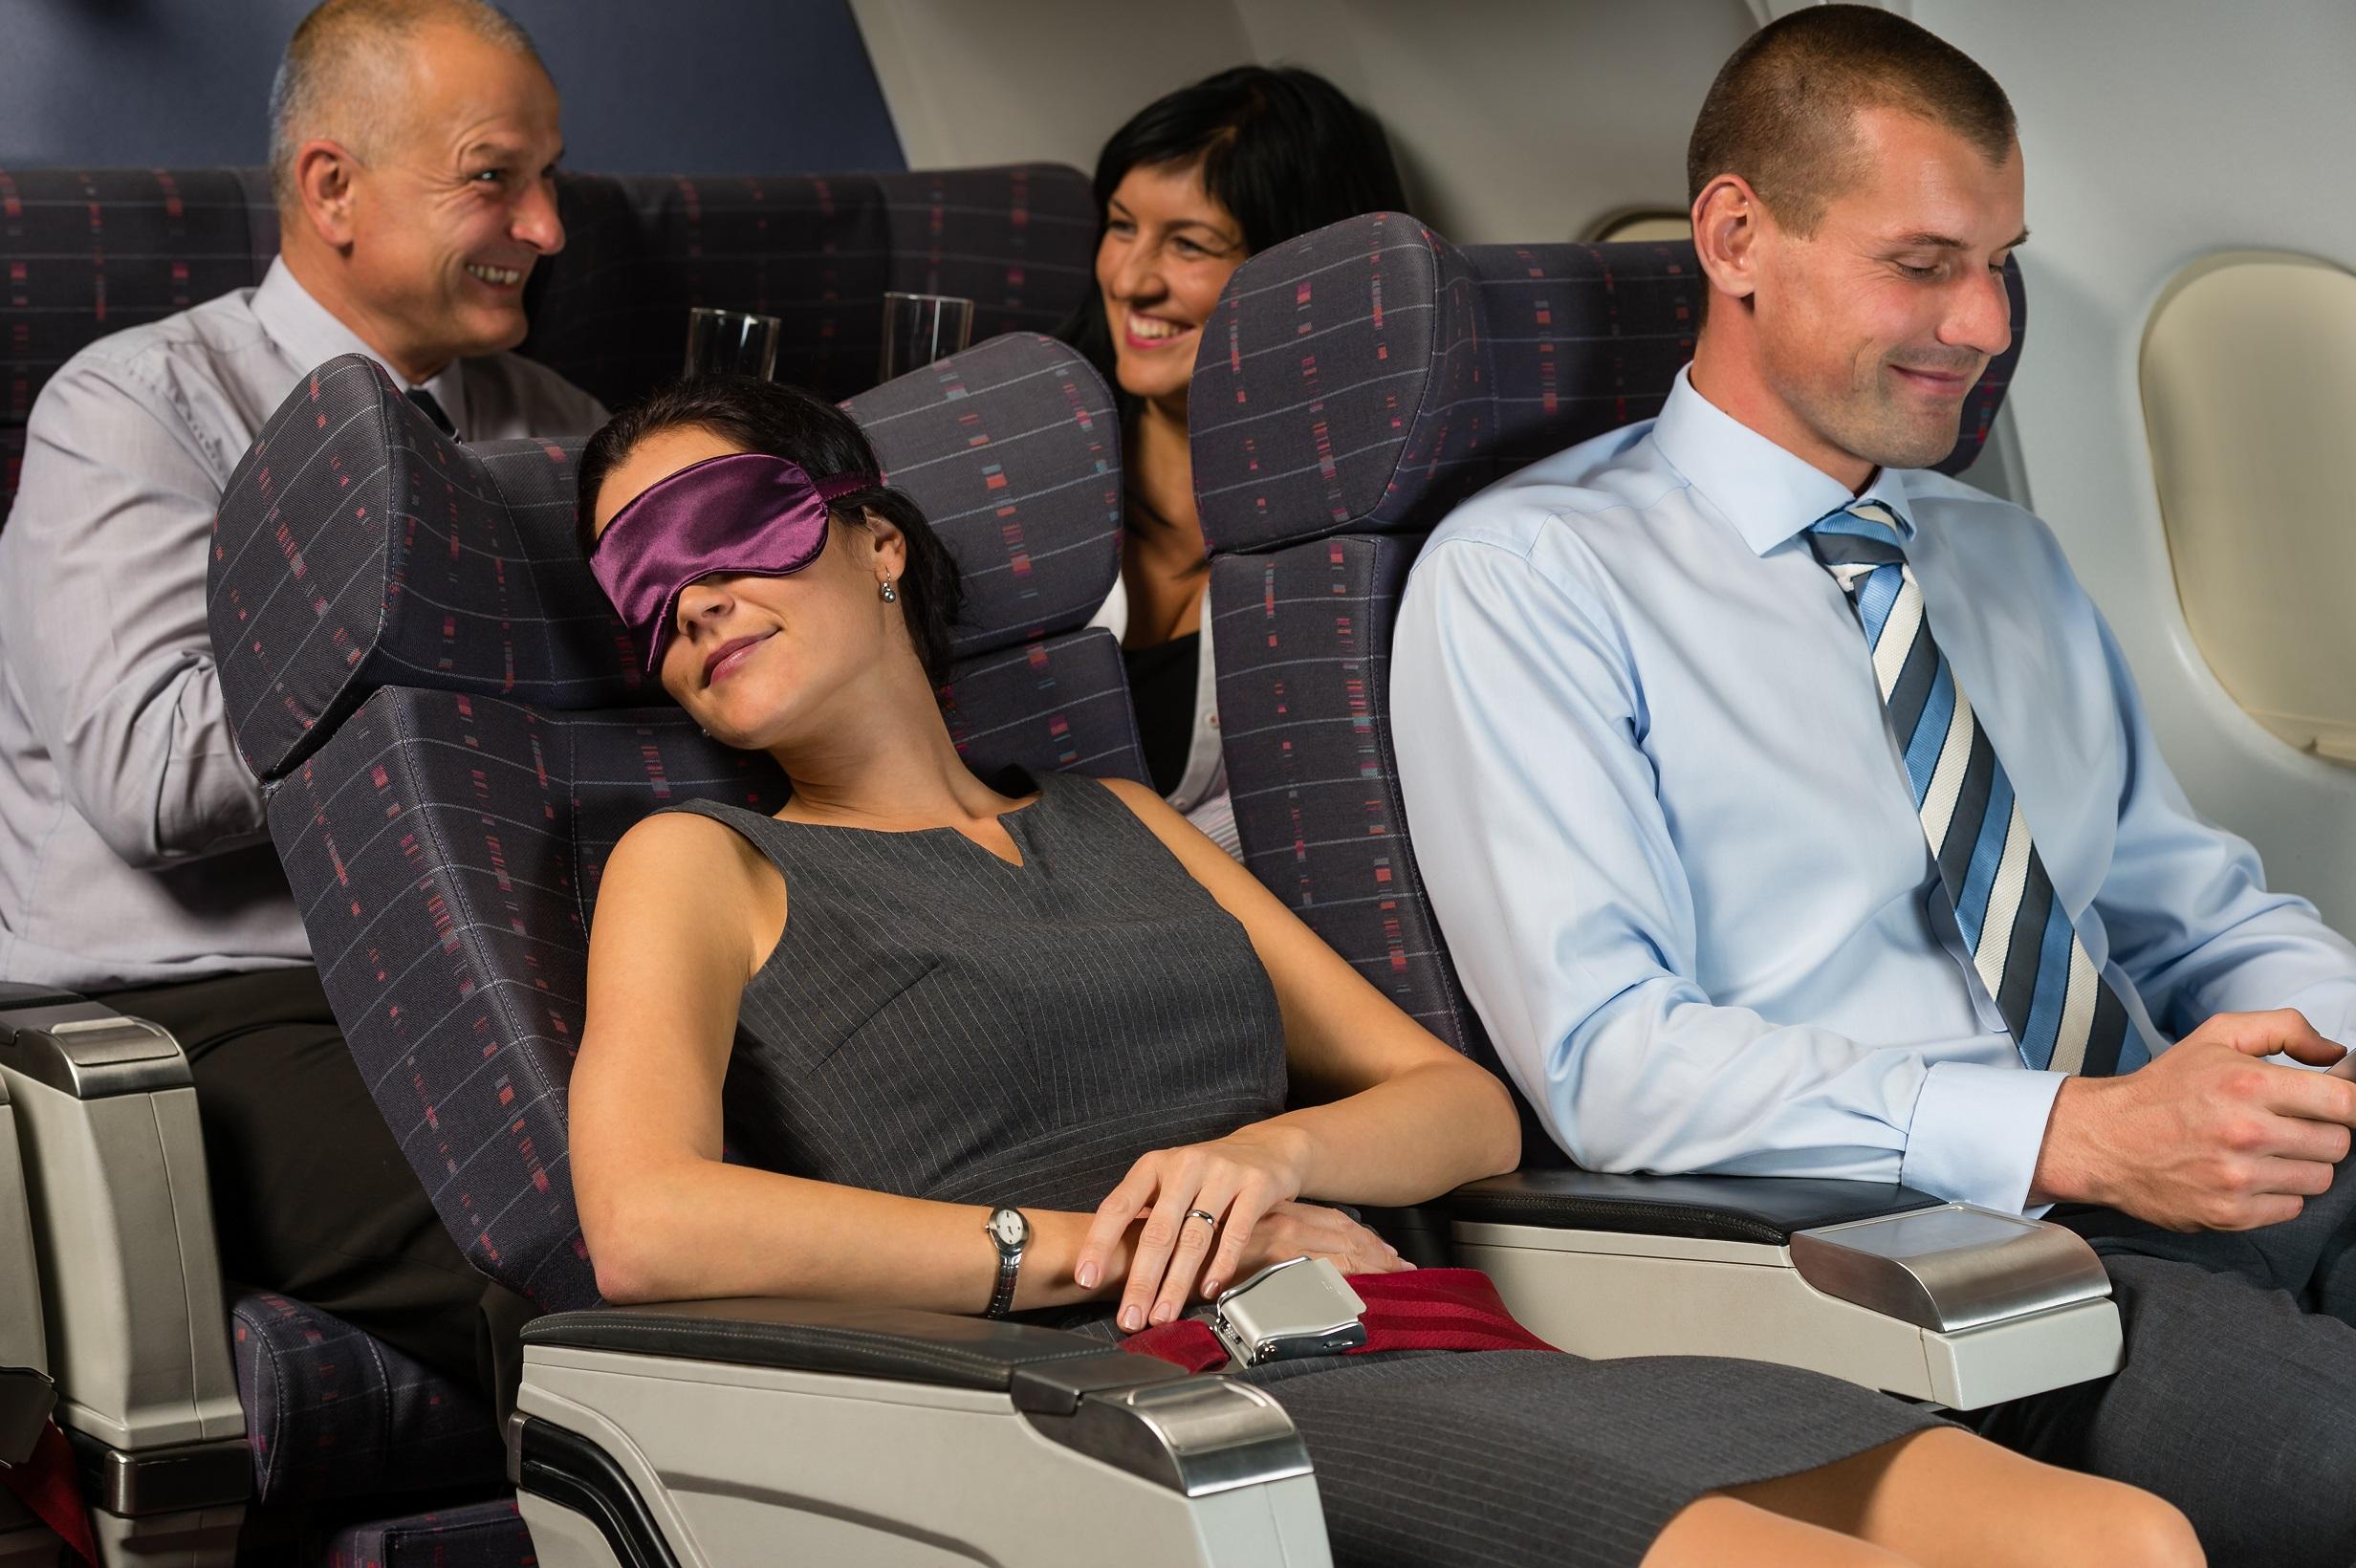 rozłożone siedzenie w samolocie